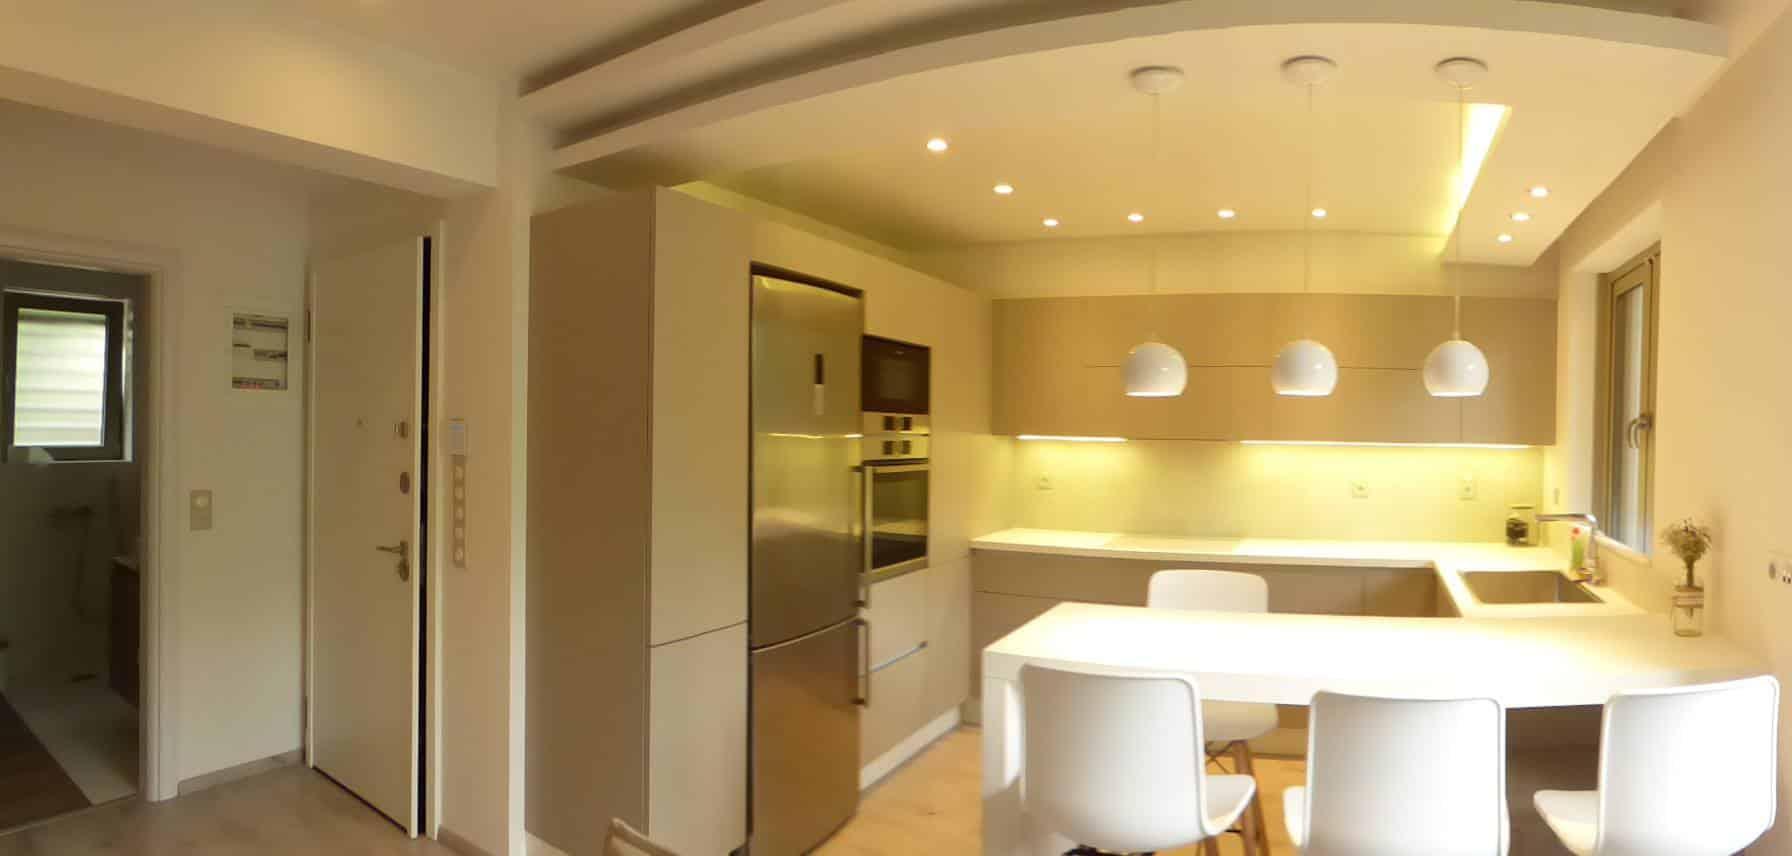 κατοικία στο Χαλάνδρι Επιπλα Κουζινας Υλικο PET MAXIMATT με GOLA 1